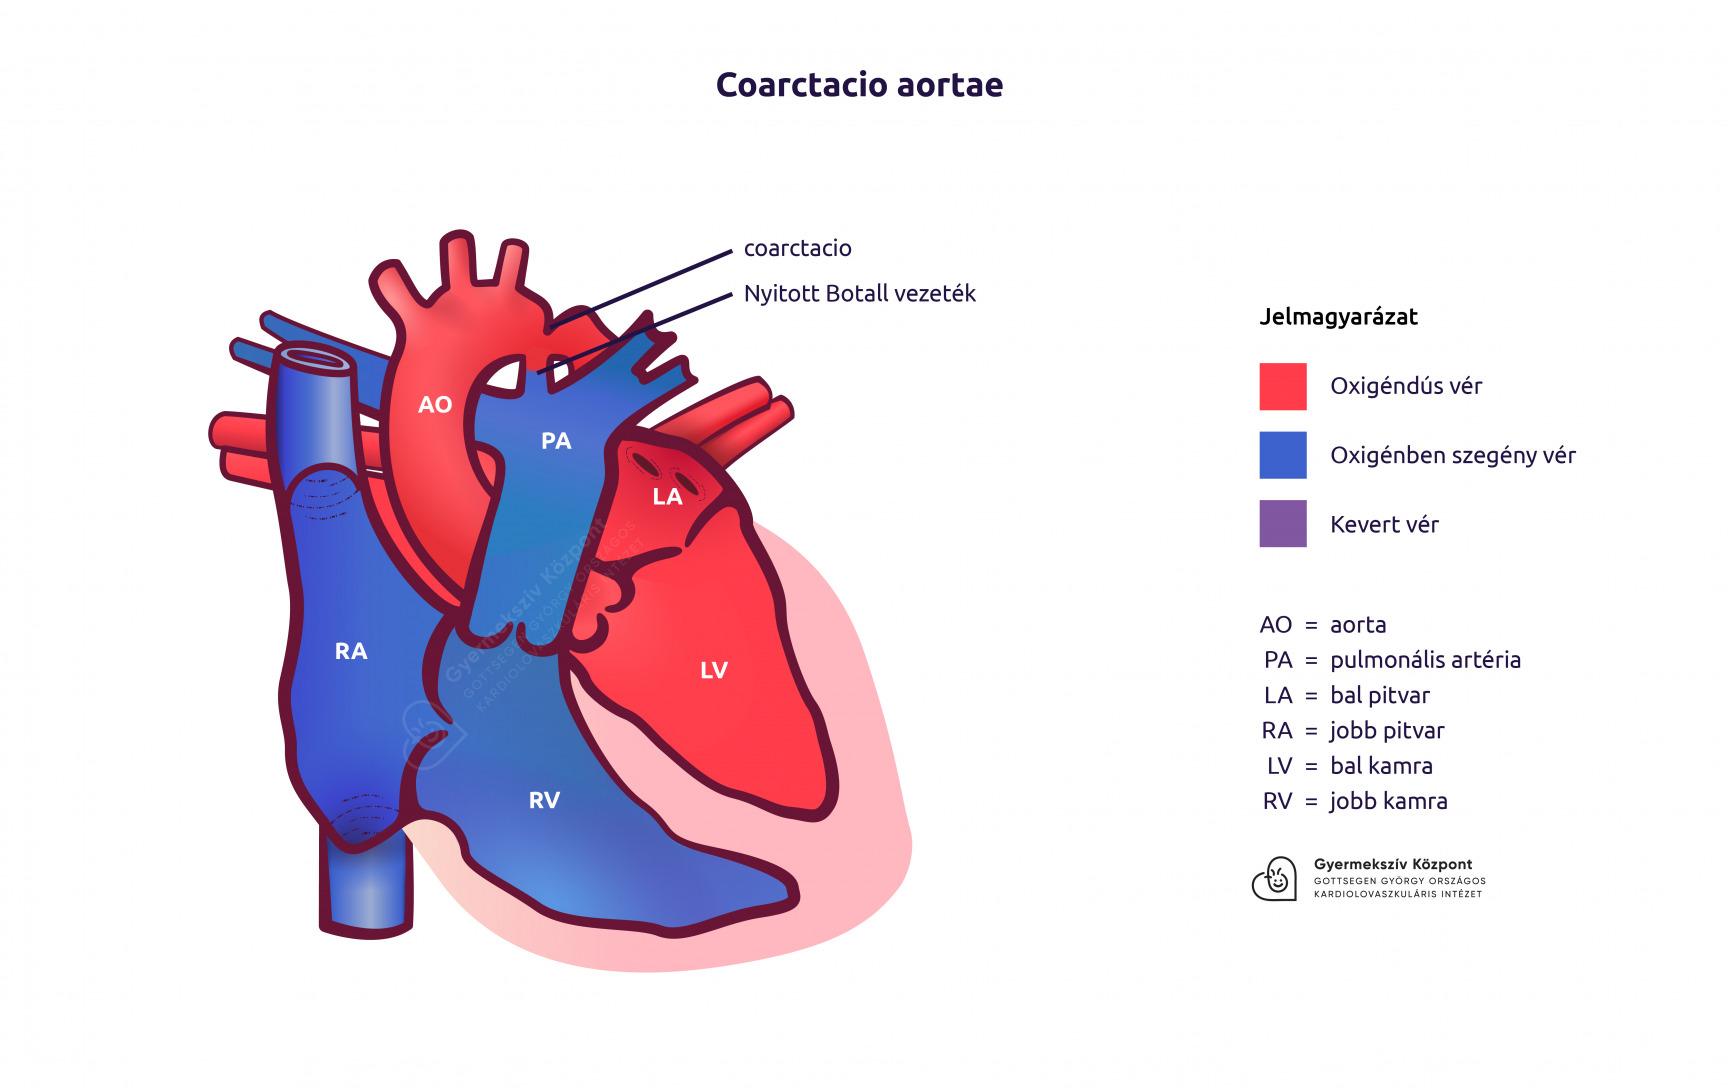 magas vérnyomás az artéria szűkülete idrinol magas vérnyomás esetén